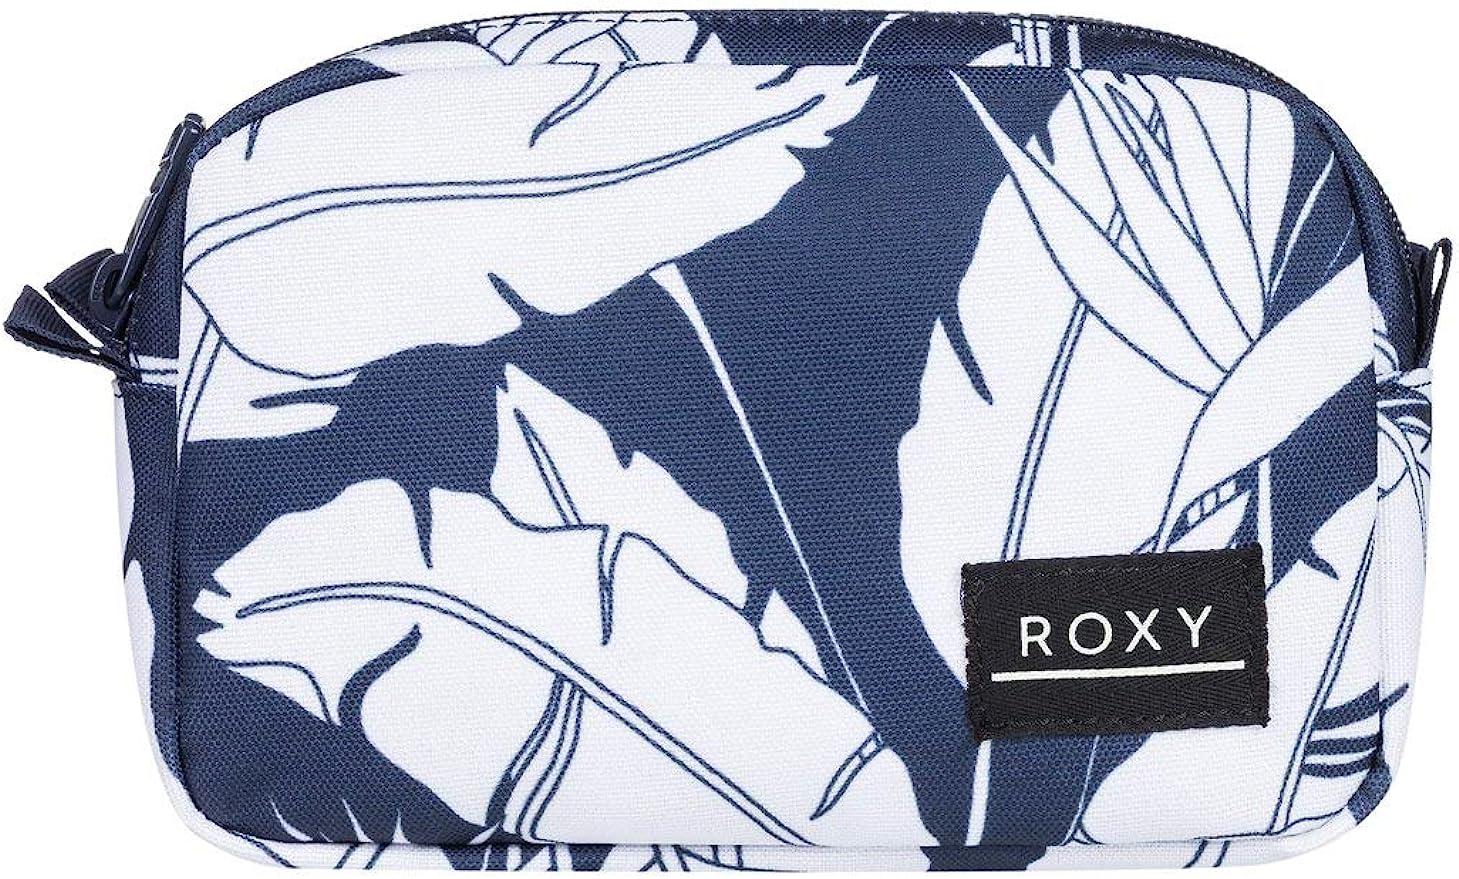 Roxy - Estuche para Lápices - Mujer - ONE SIZE - Azul: Amazon.es: Ropa y accesorios